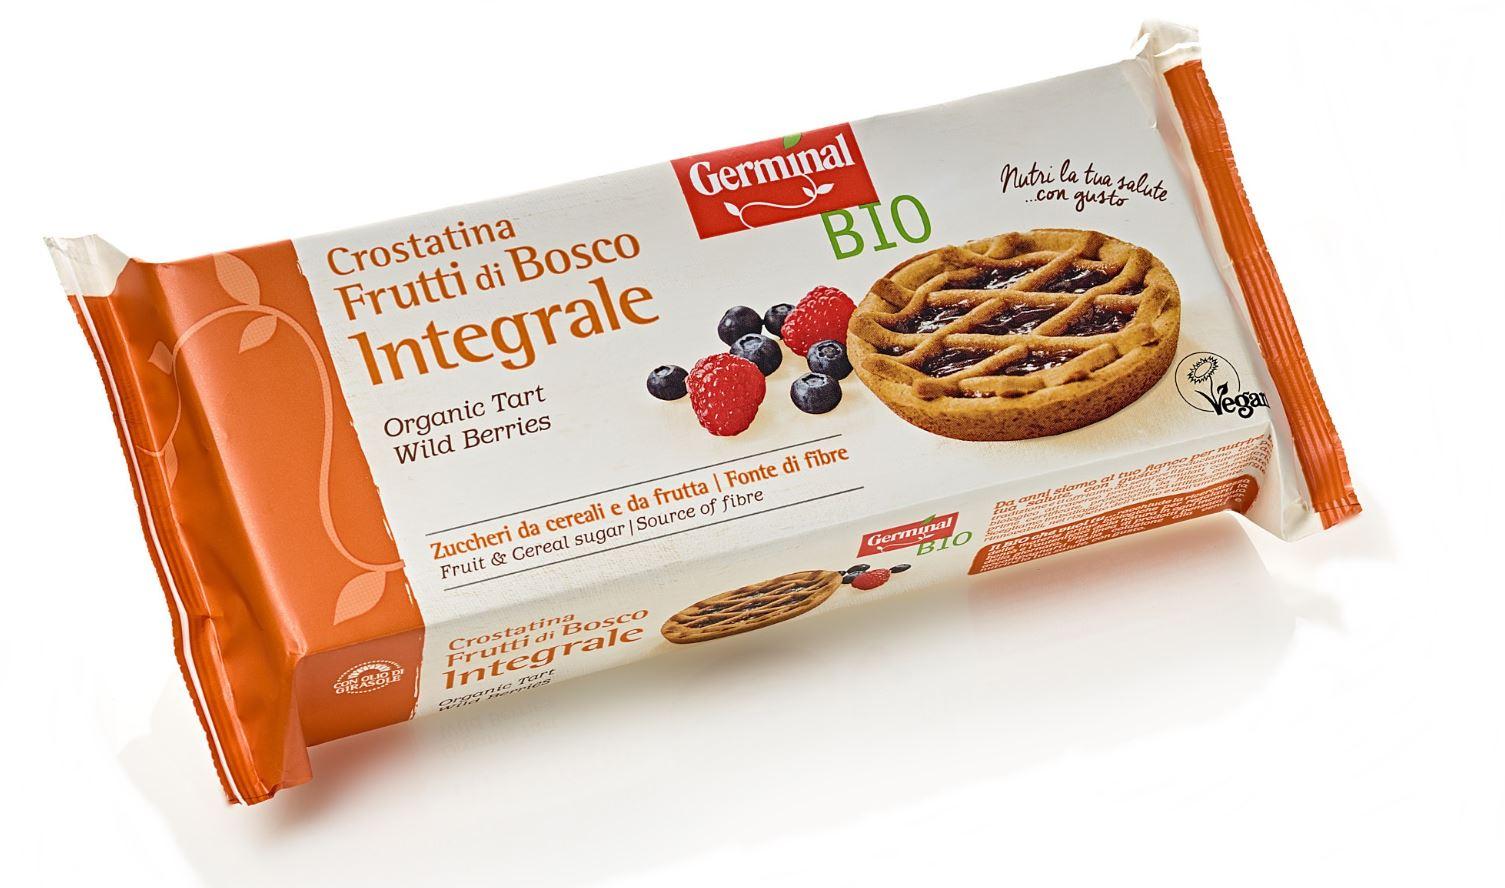 Crostatina Frutti di Bosco Integrale